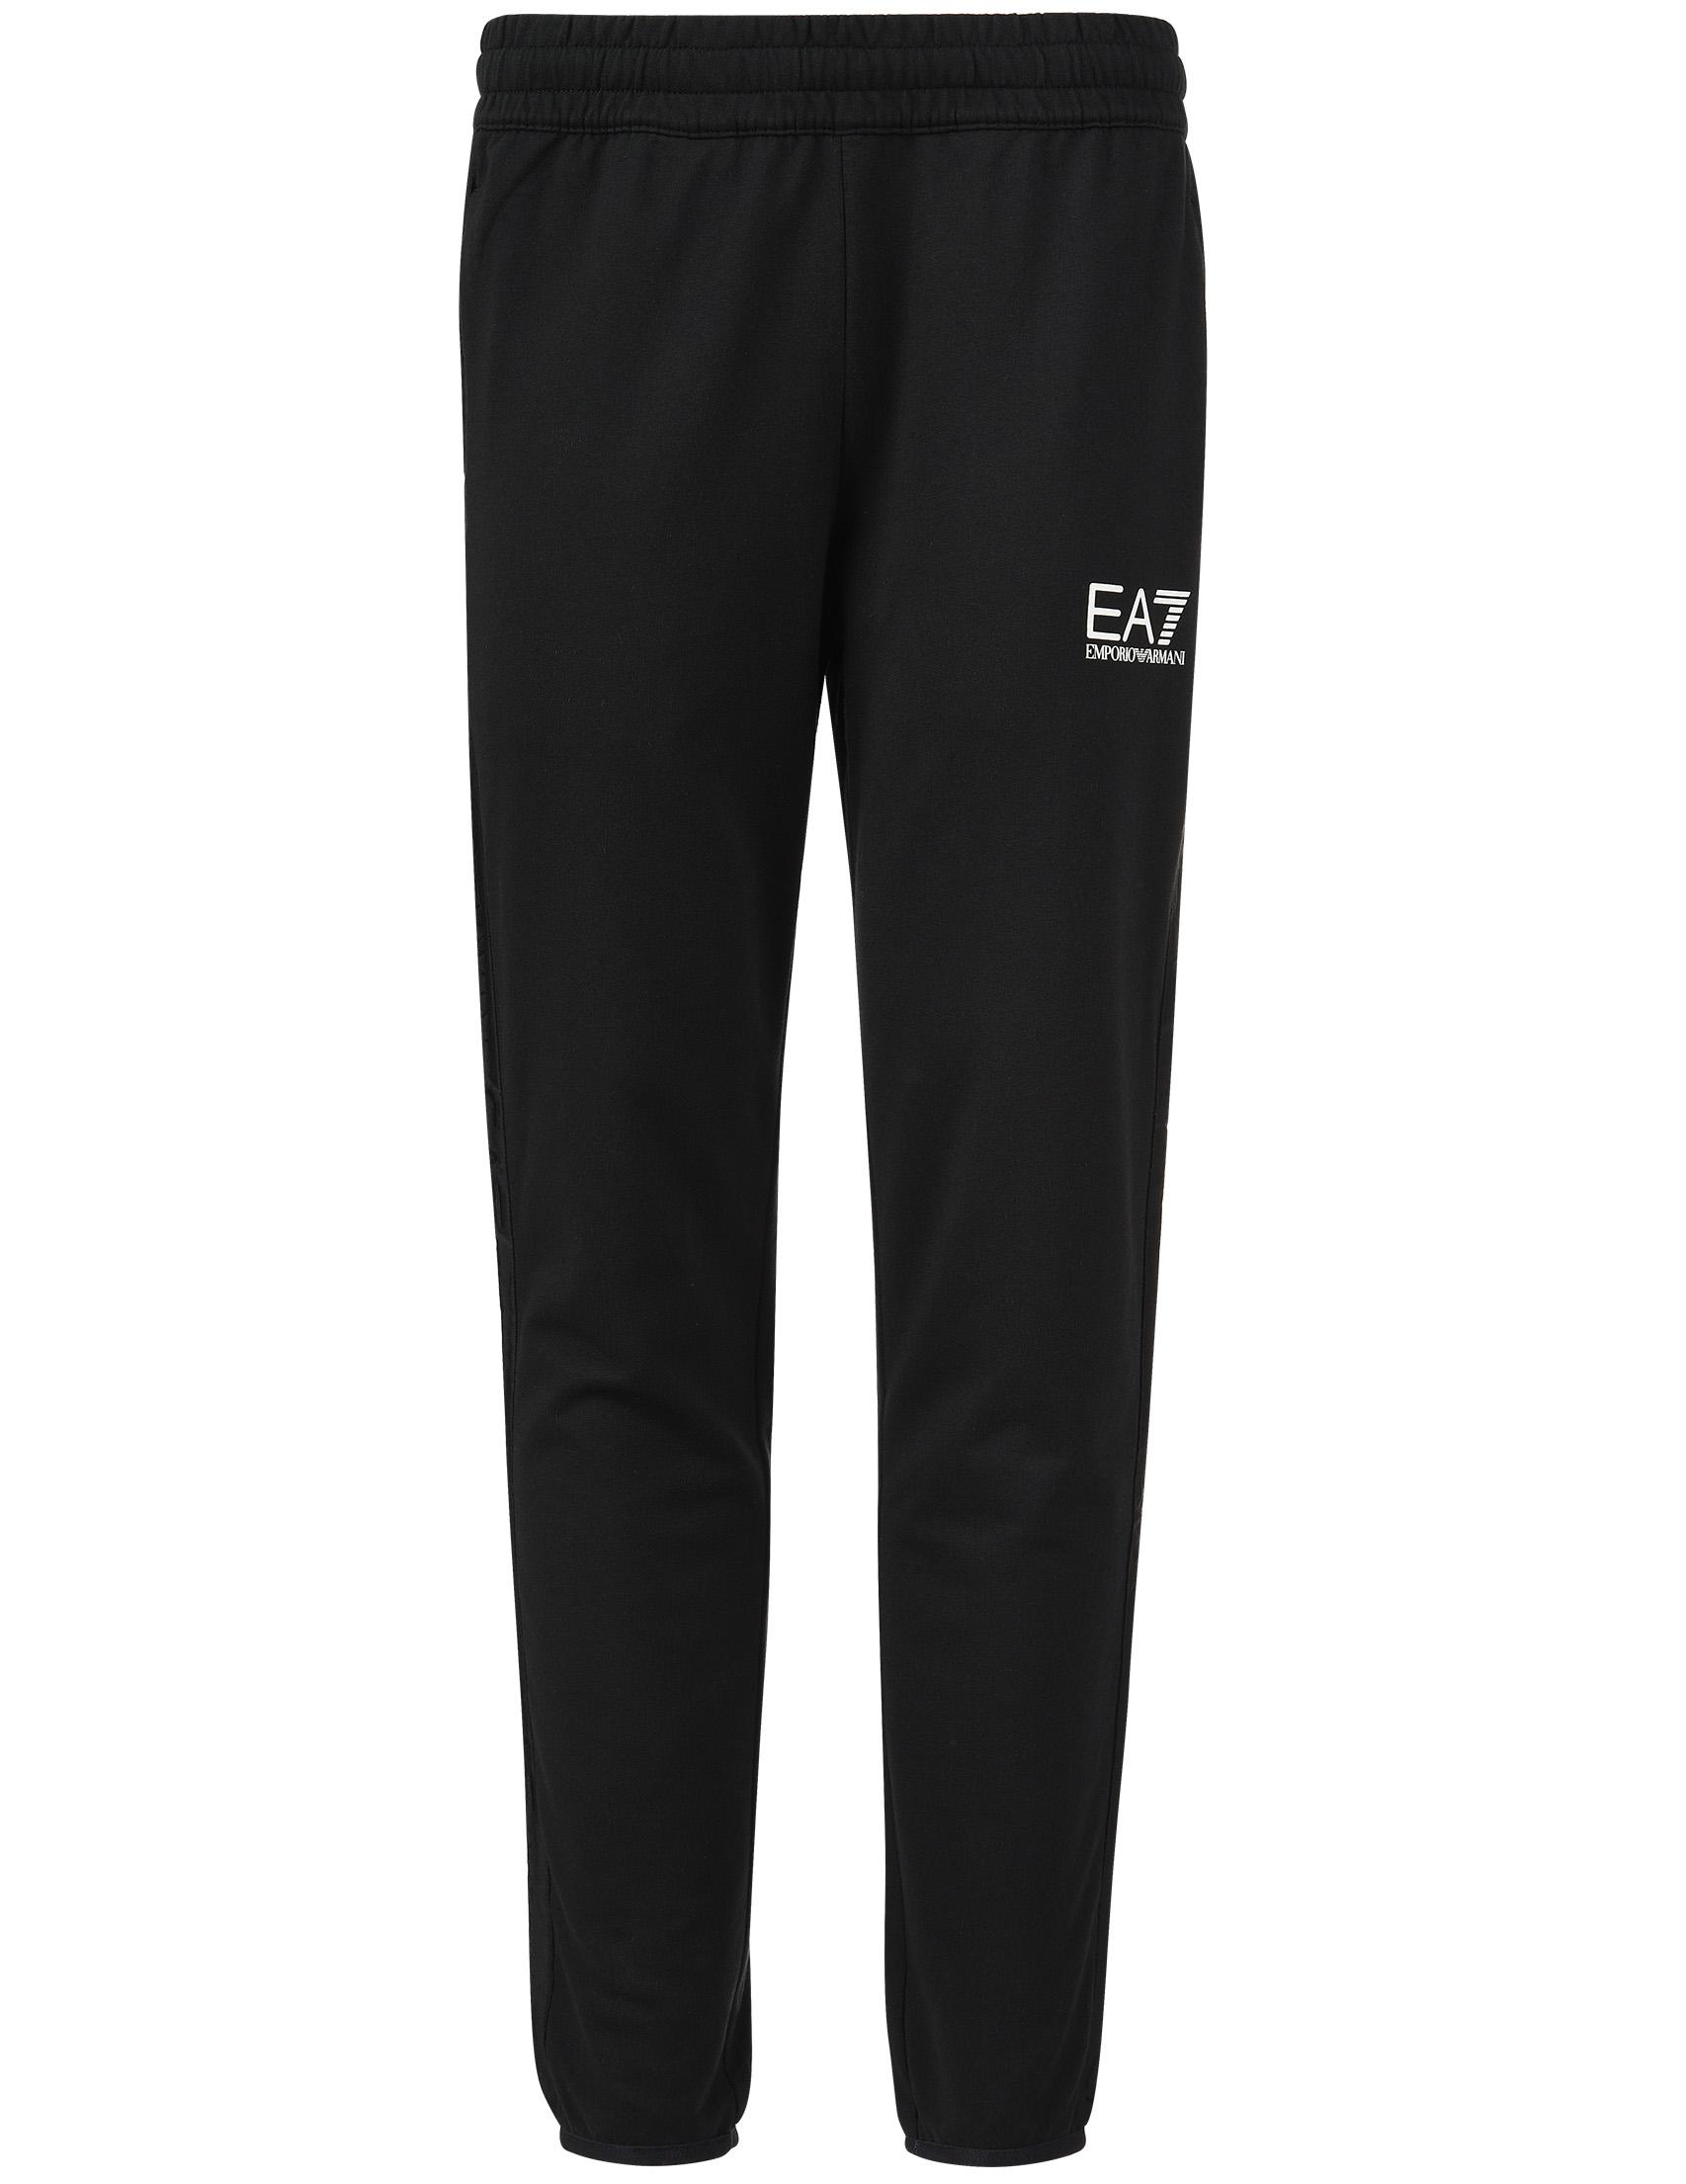 Купить Спортивные брюки, EA7 EMPORIO ARMANI, Черный, 100%Хлопок, Весна-Лето